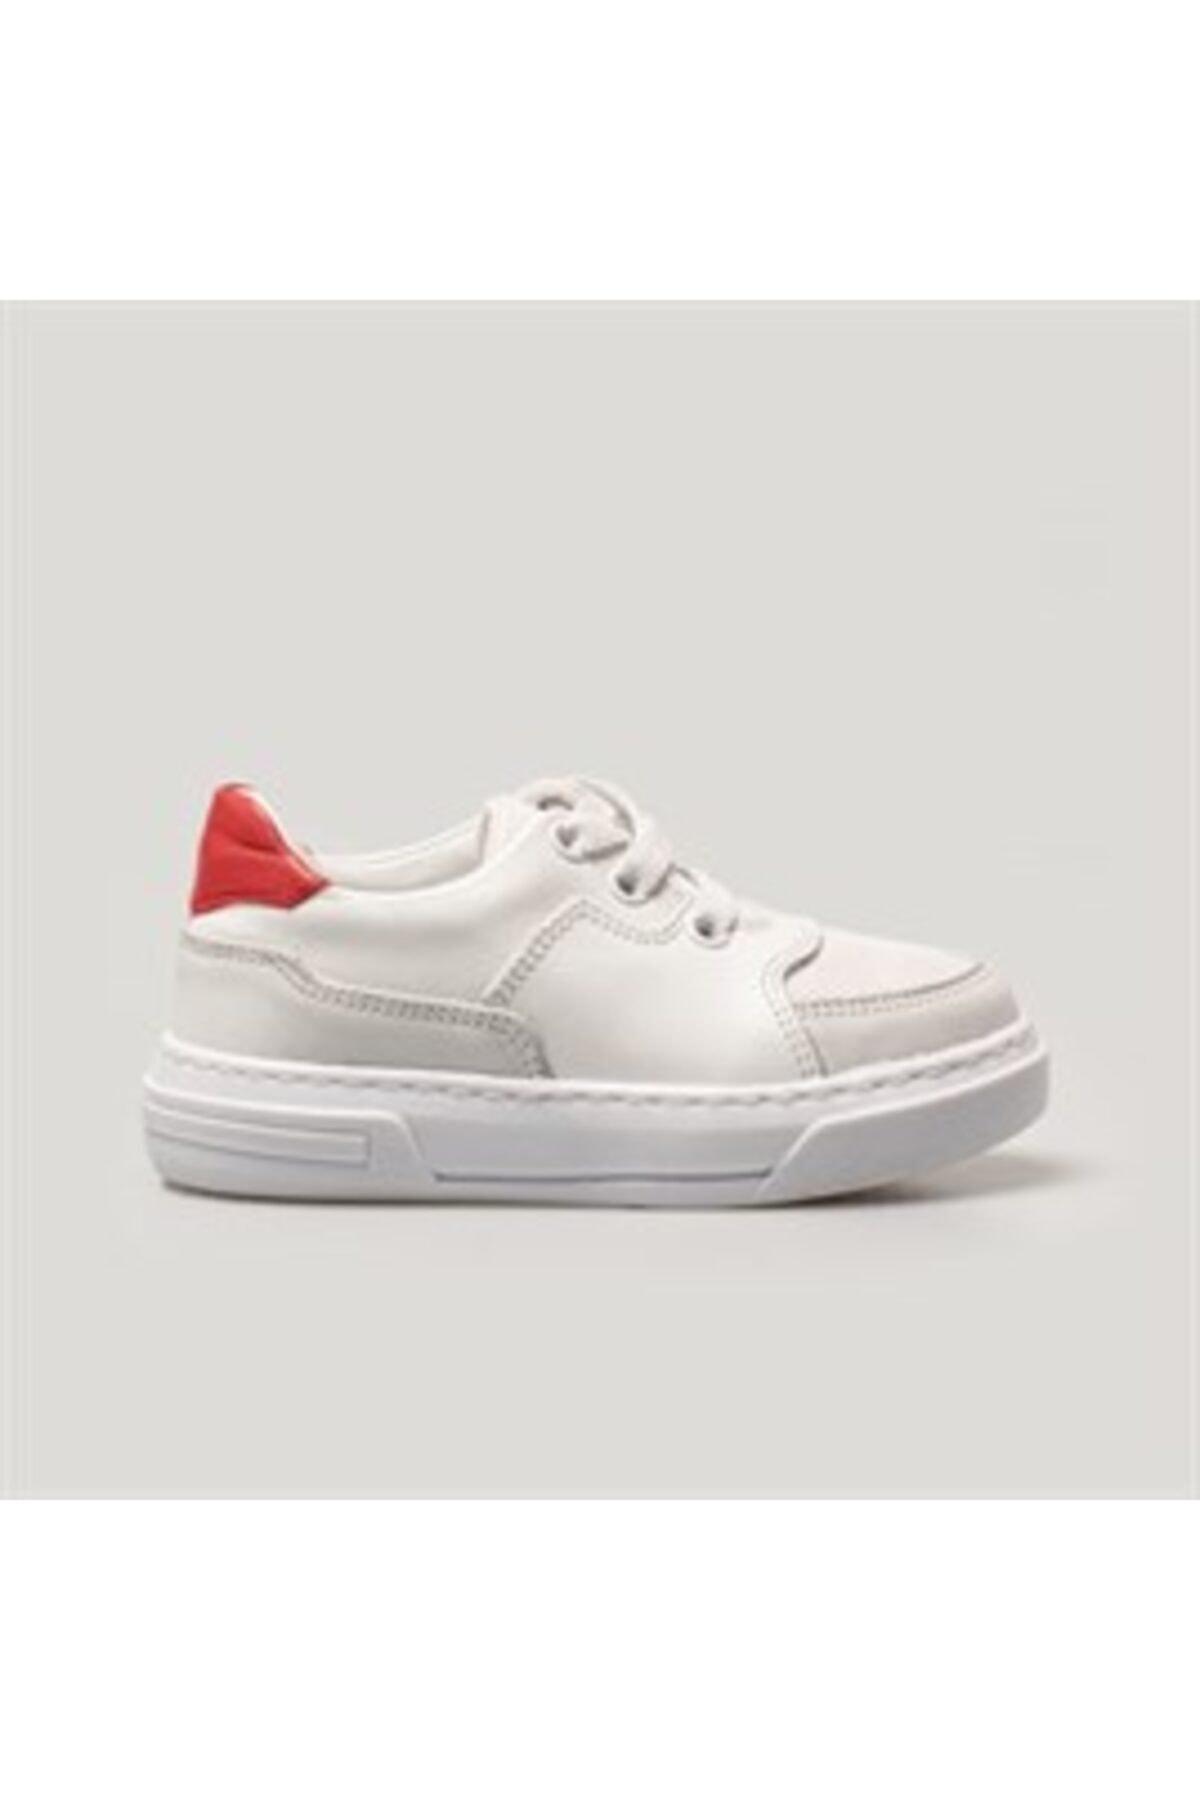 Merli&Rose Roam Sneaker | Beyaz - Kırmızı